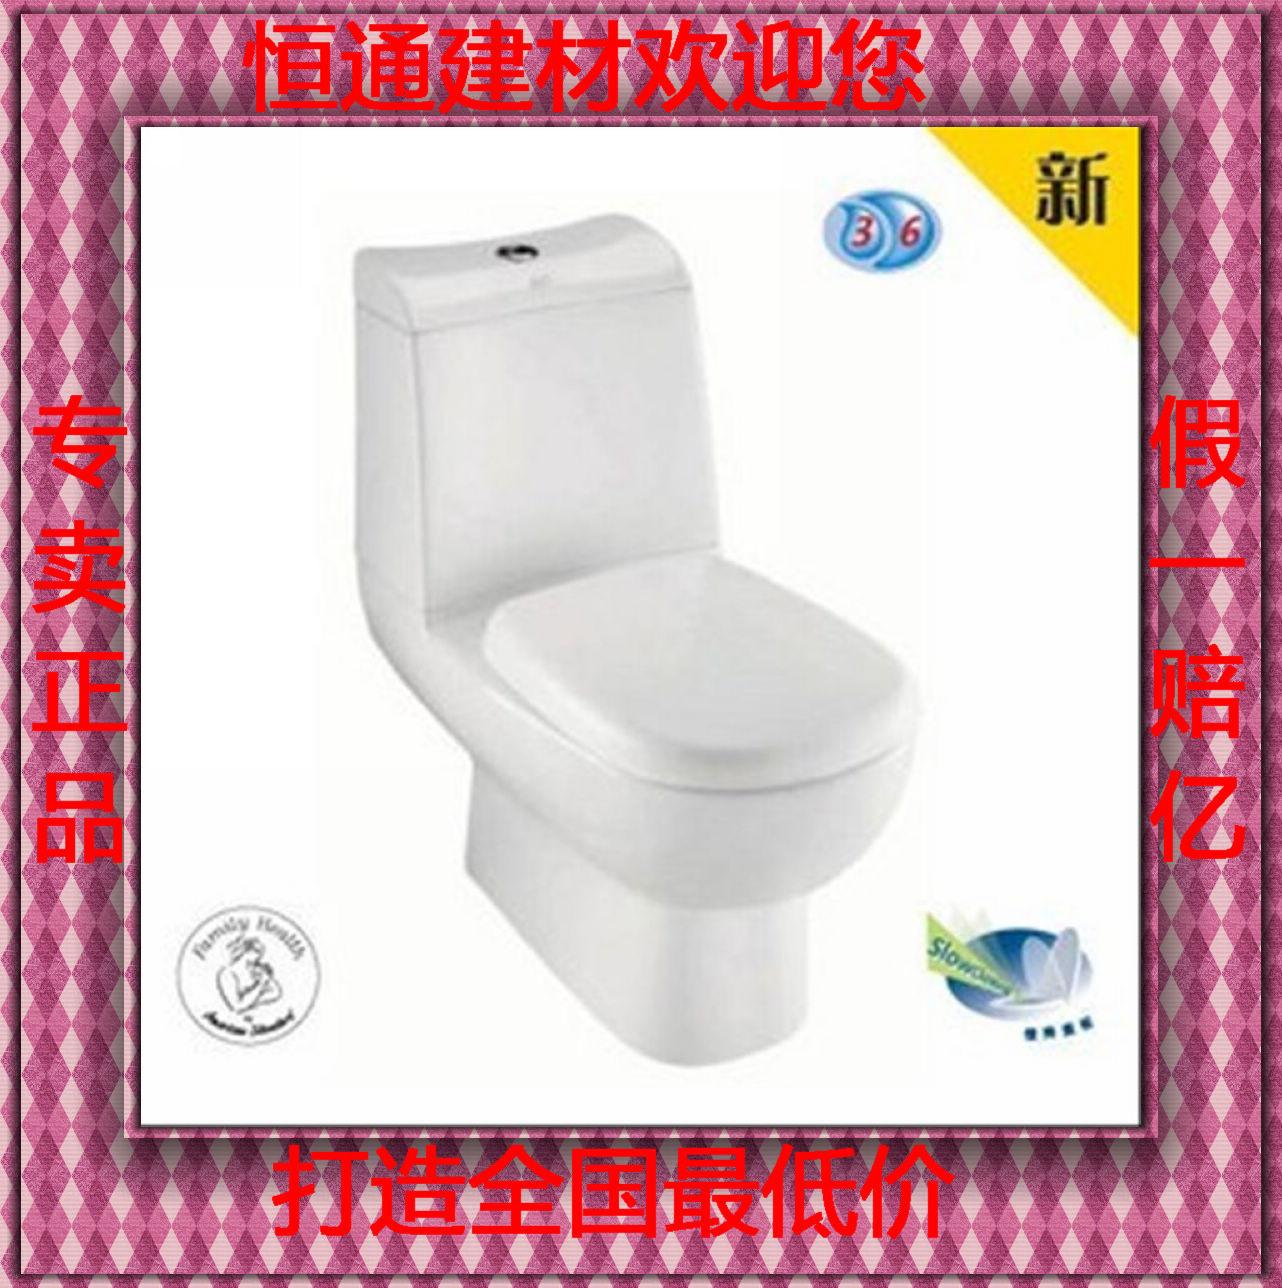 美標 白色PP材料直沖式地排水連體式 CP-2324/2325.604.04馬桶